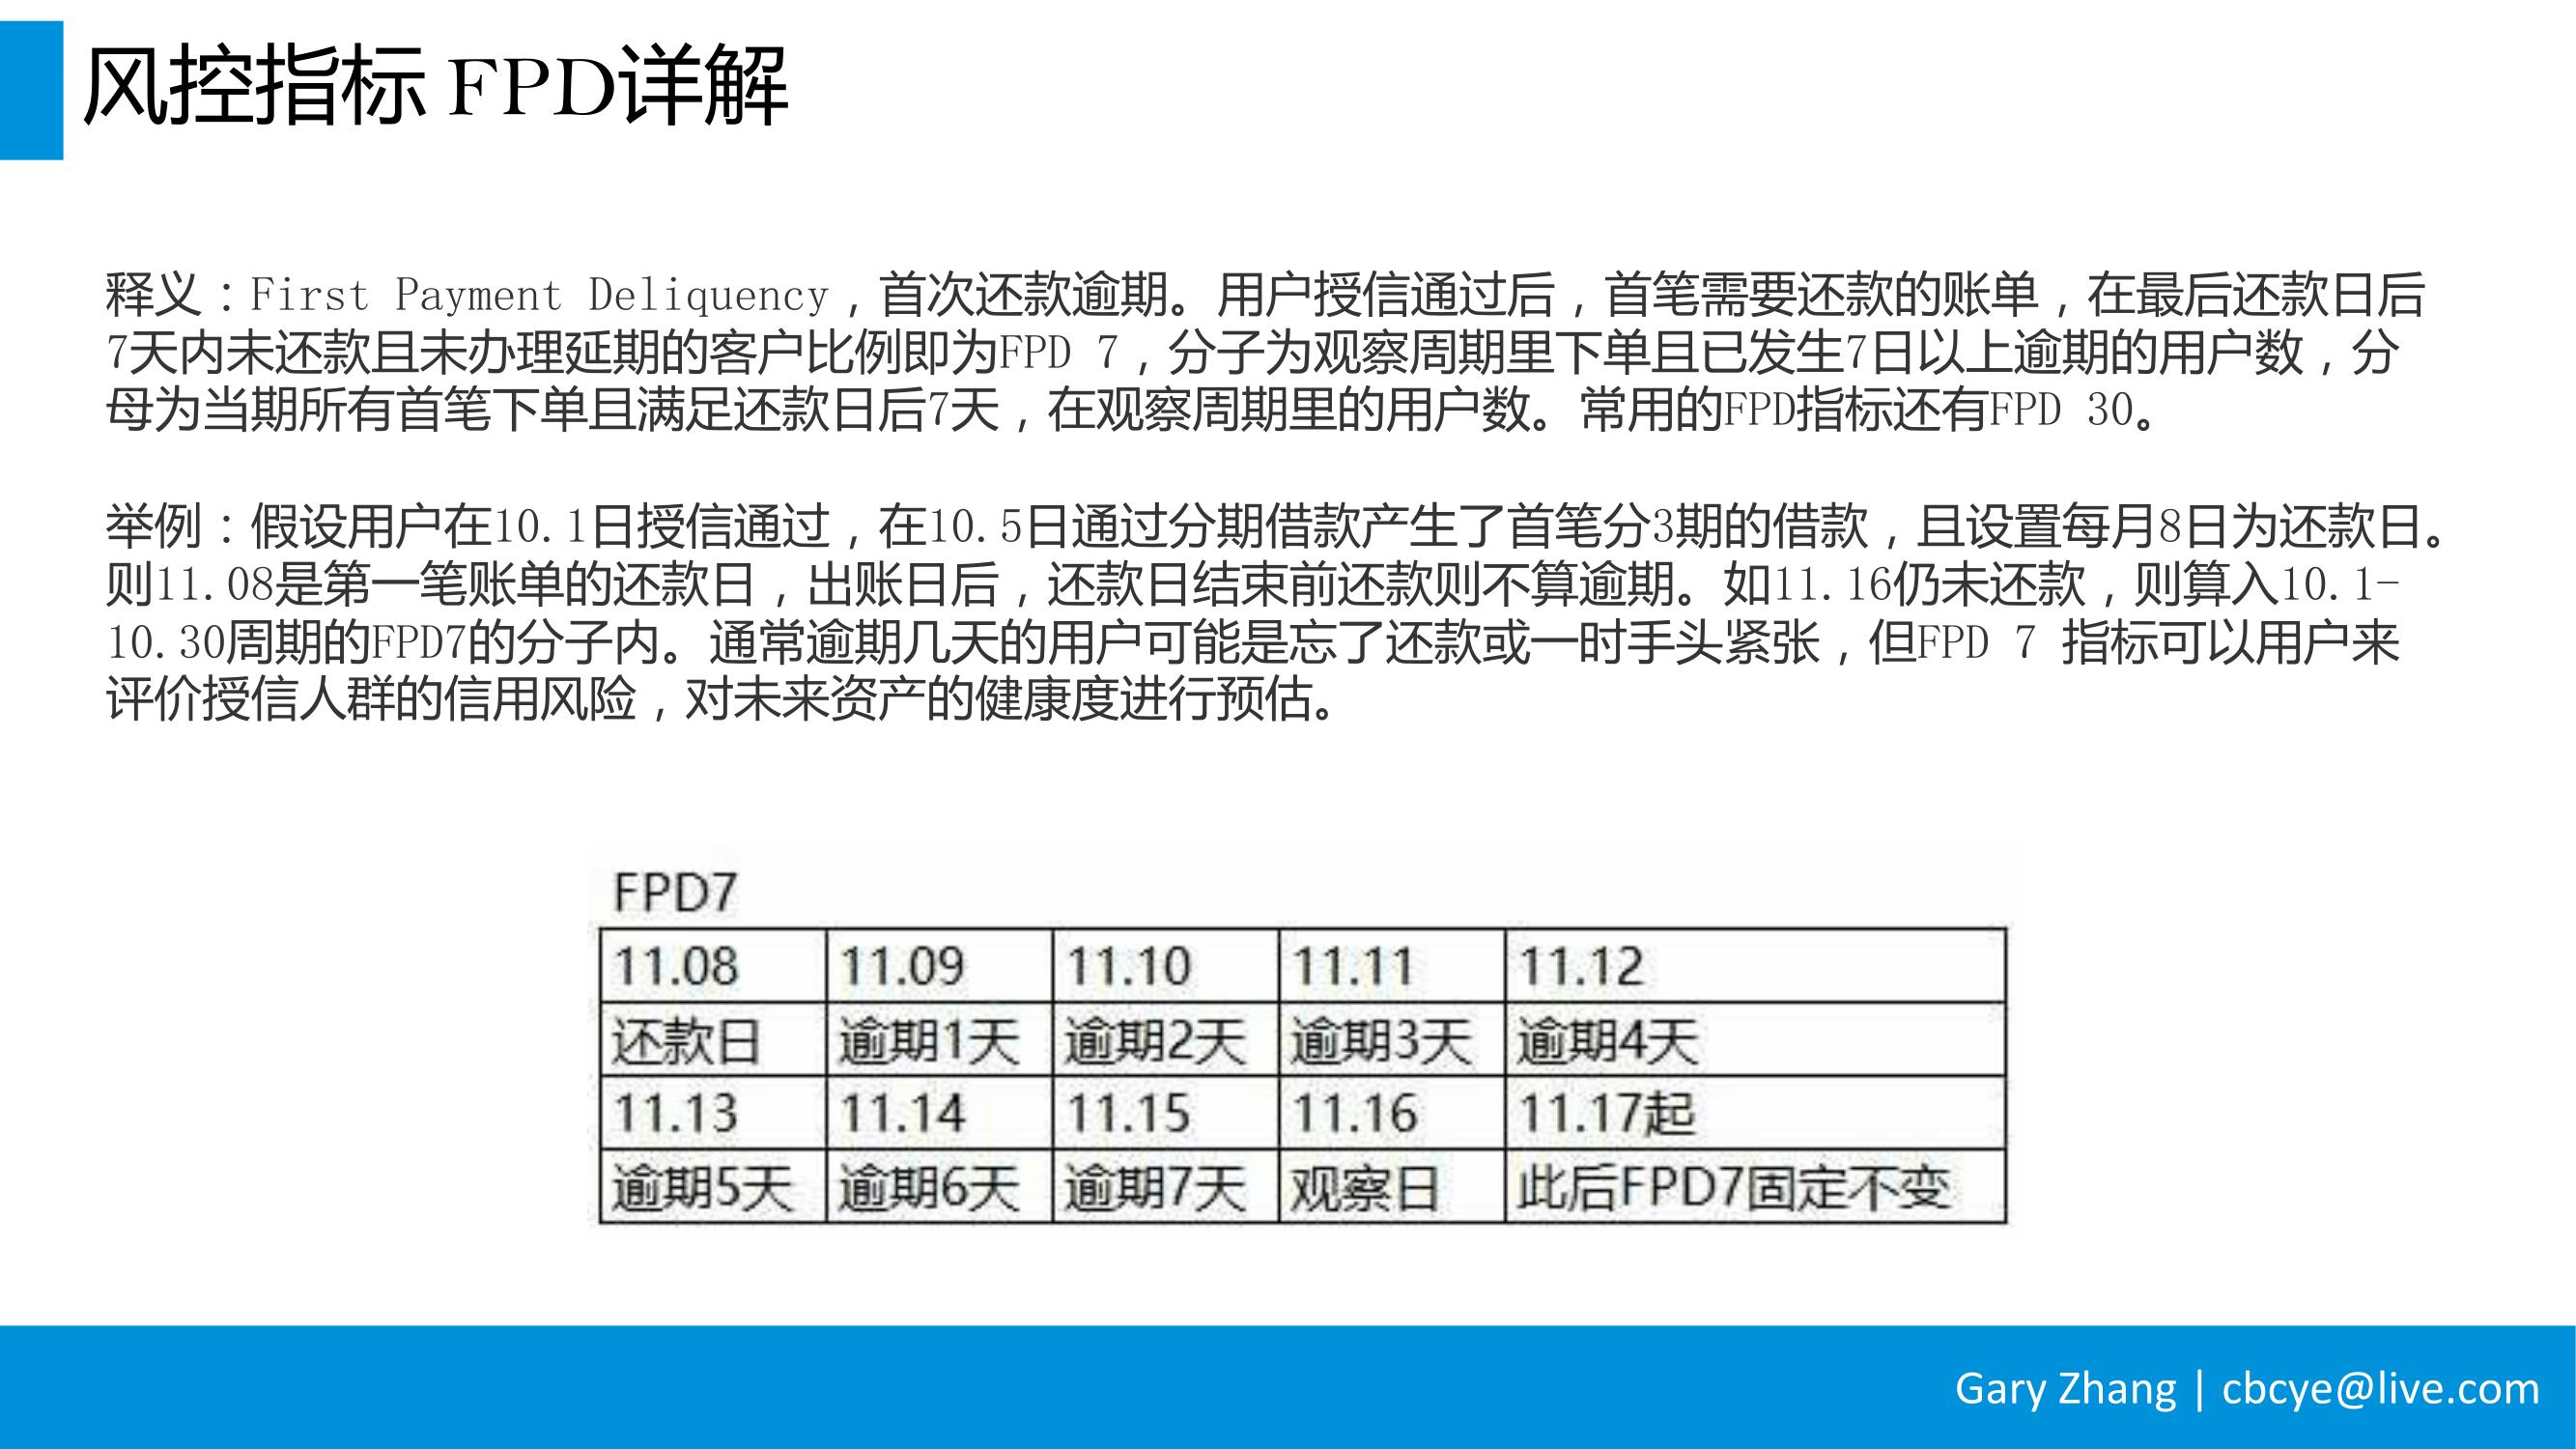 消费金融业务全流程指南_v1.0-086